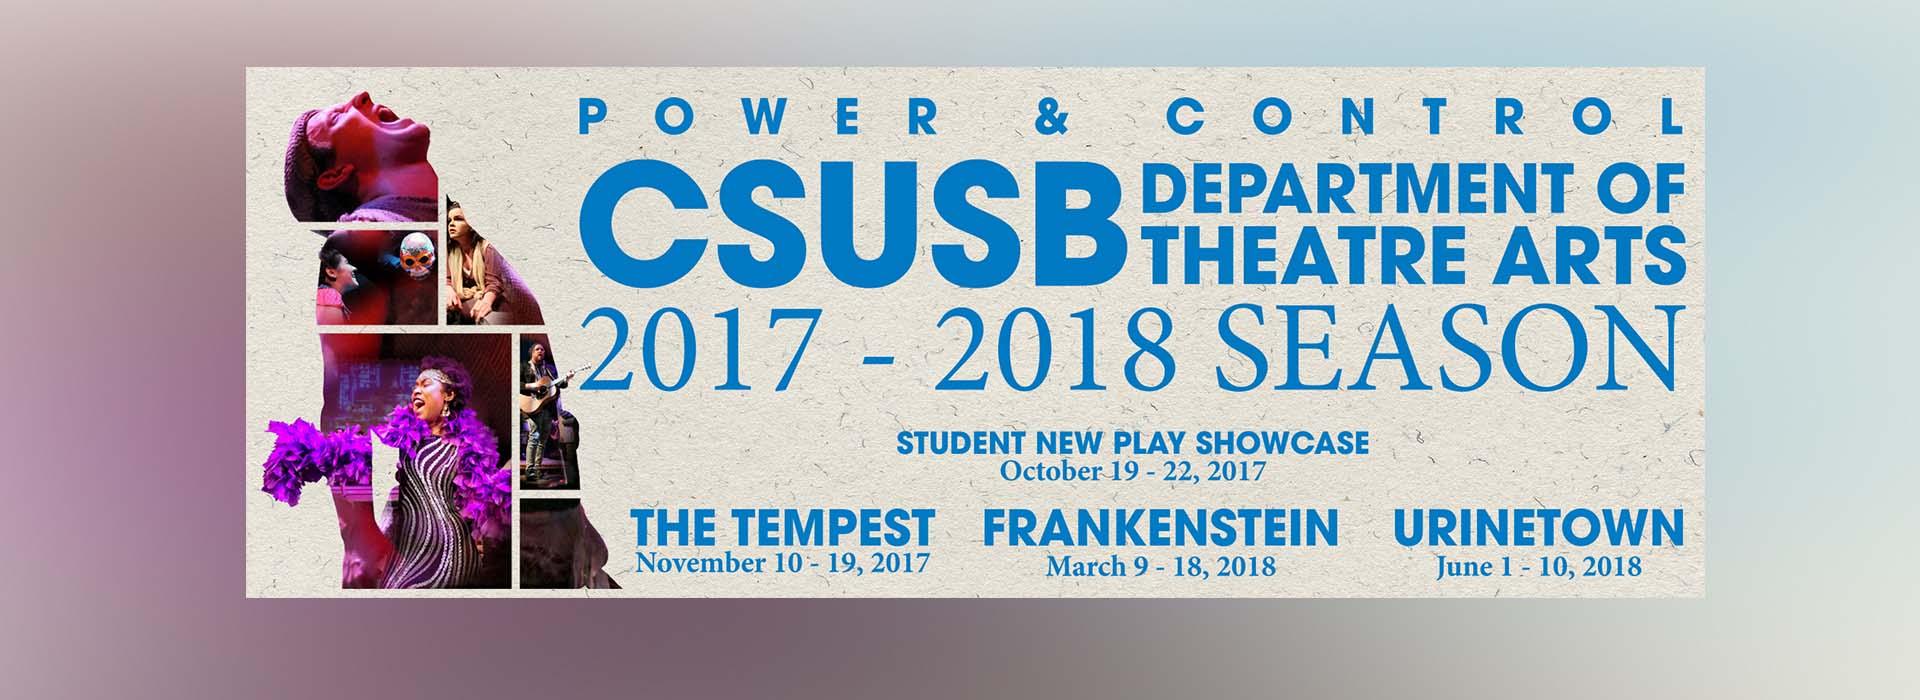 CSUSB Theatre Arts presents its 2017-18 Season of Power & Control